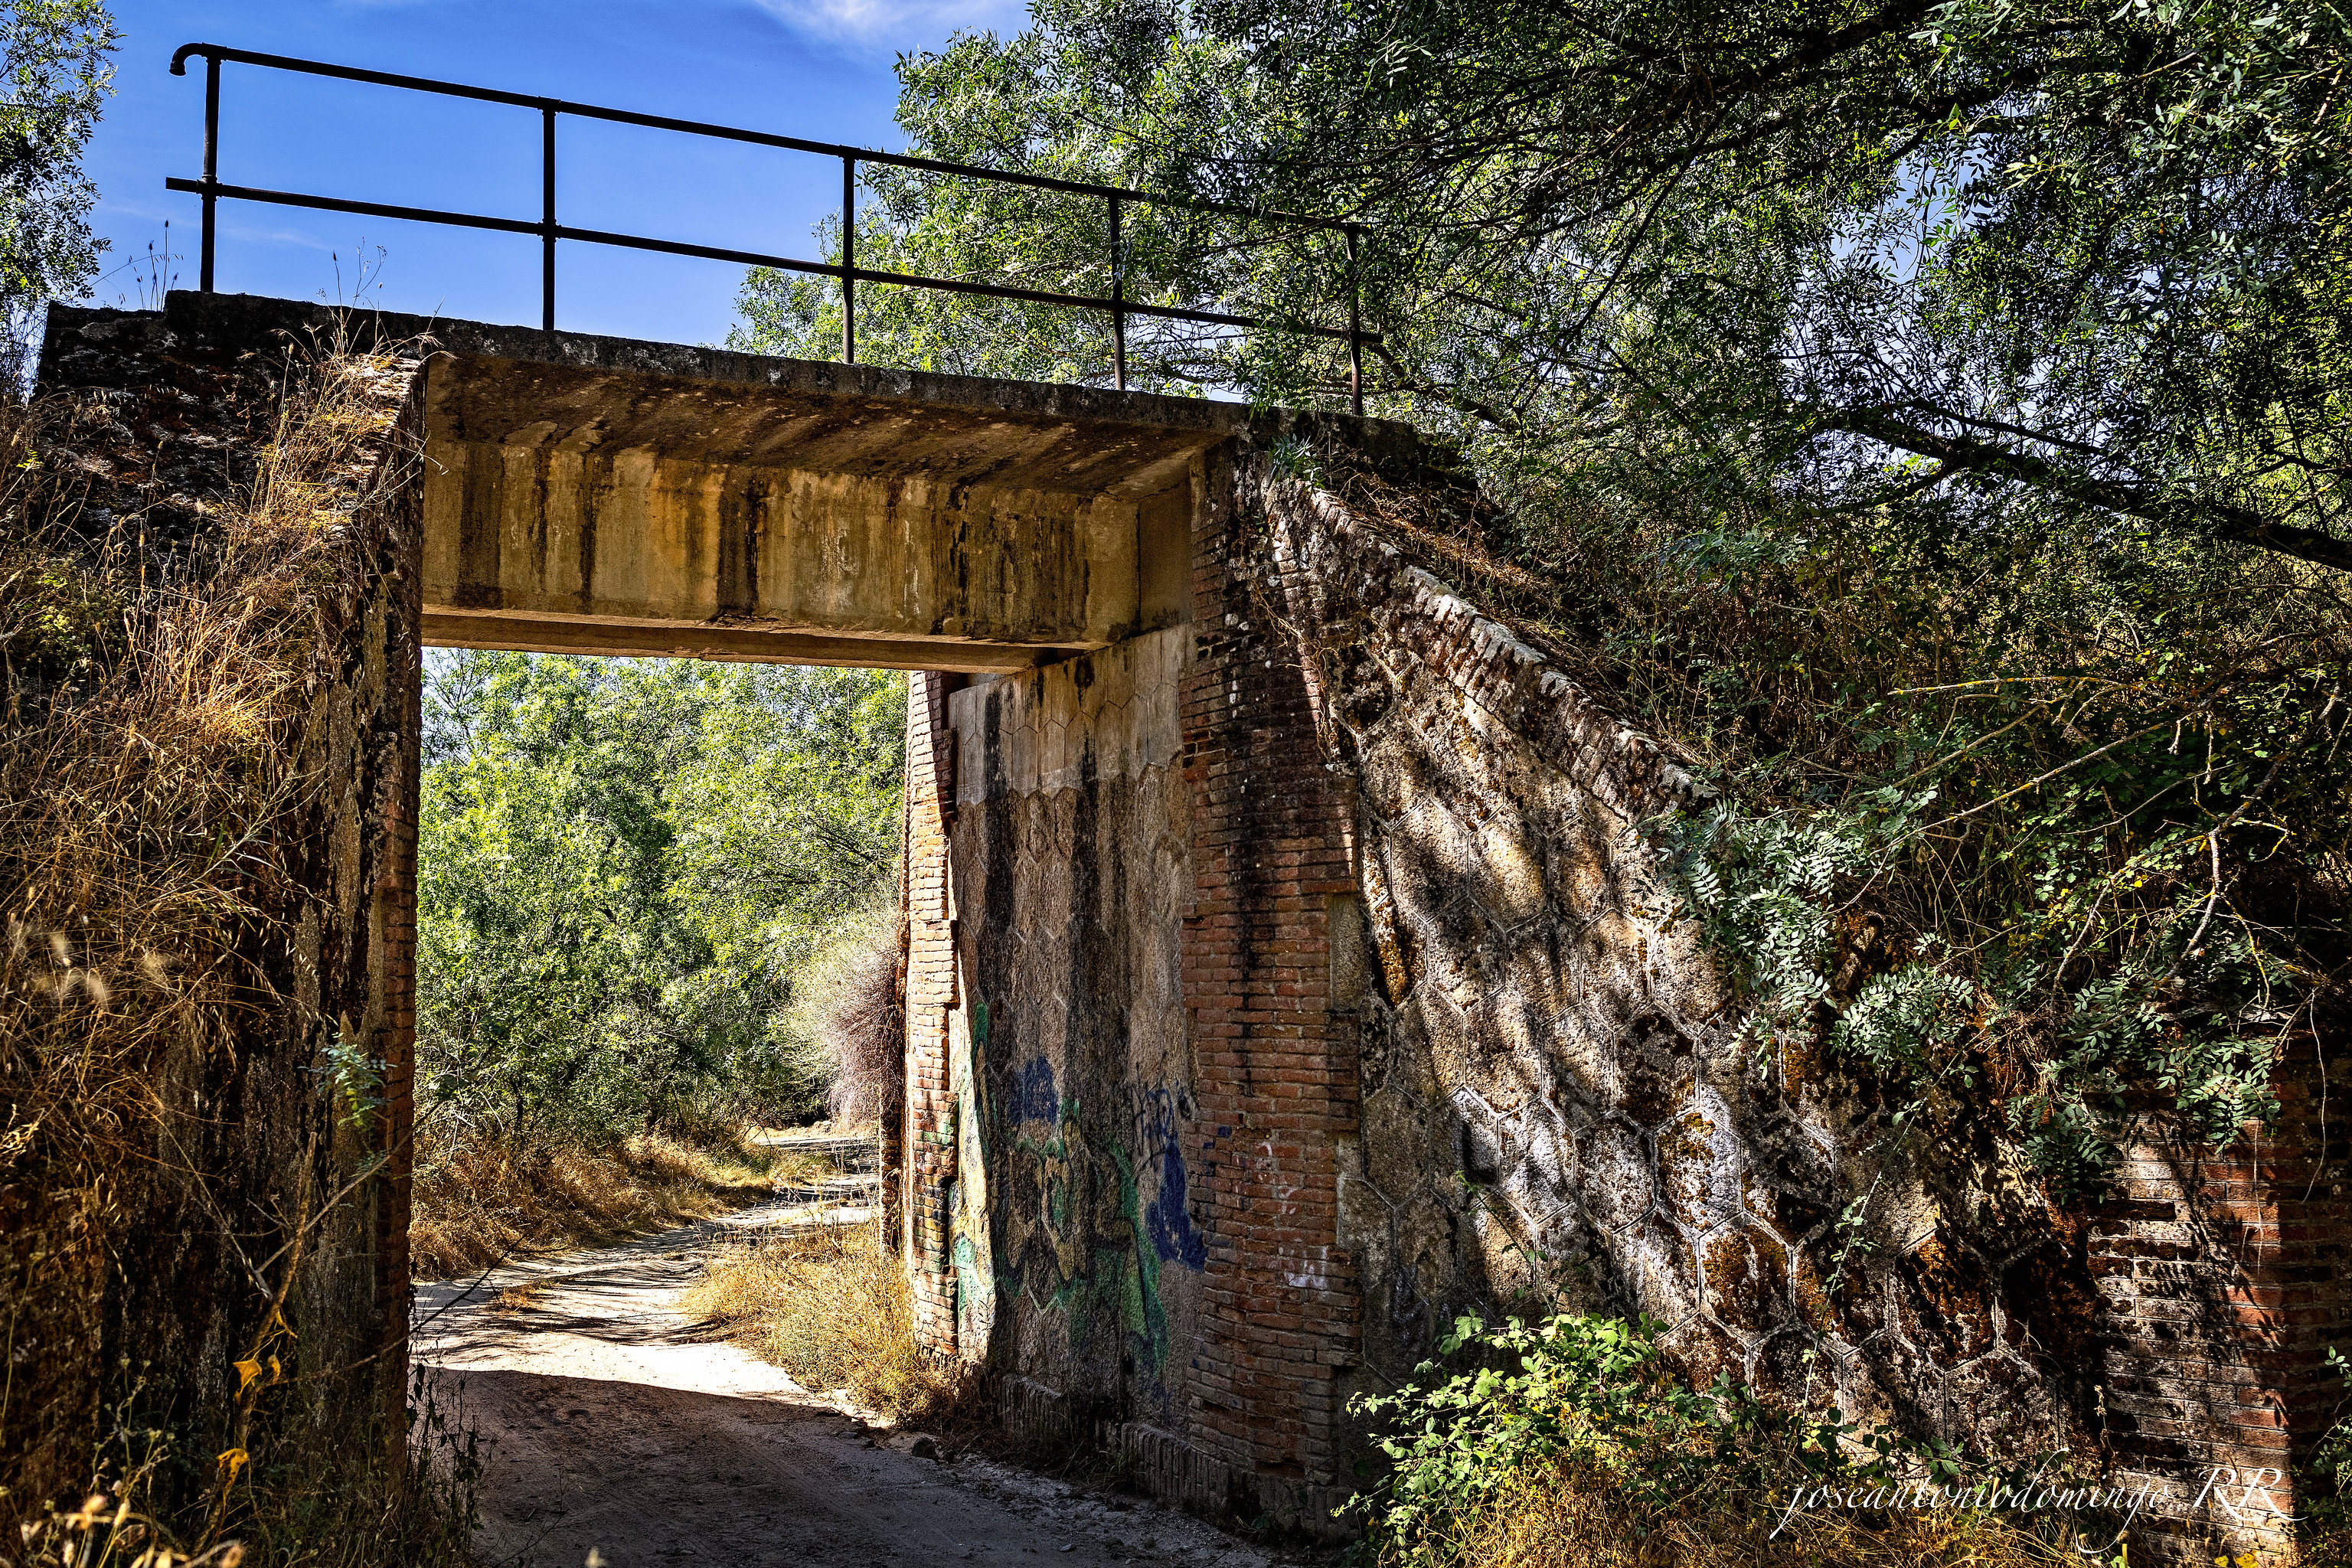 Puente sobre el trazado de las vías, en La Adrada